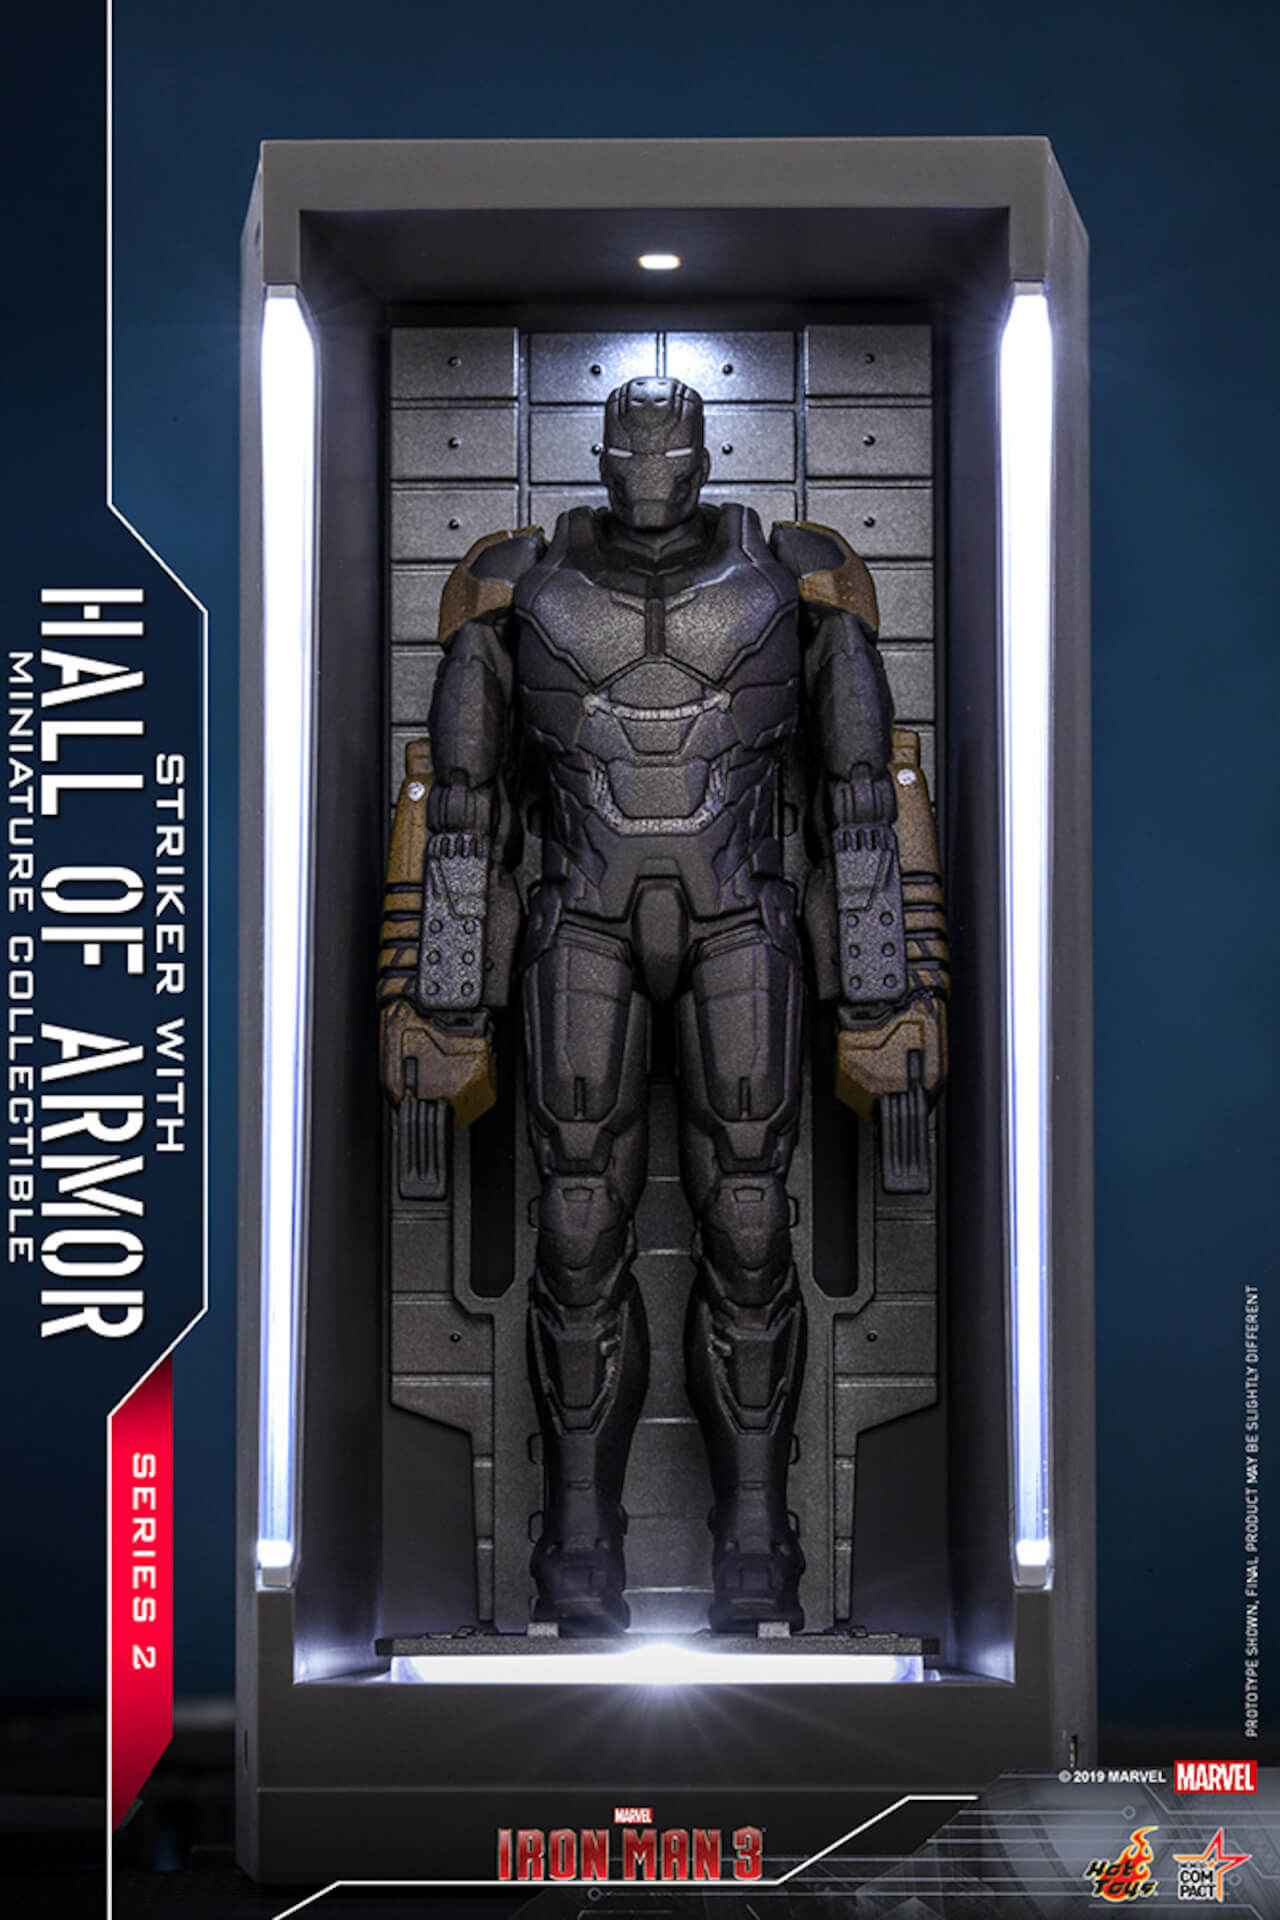 『アイアンマン3』に登場するアーマーが手のひらサイズに!ホットトイズからアイアンマンのミニチュアシリーズ2がホール・オブ・アーマー付き6体セットで発売! ac200124_hottoys_ironman_07